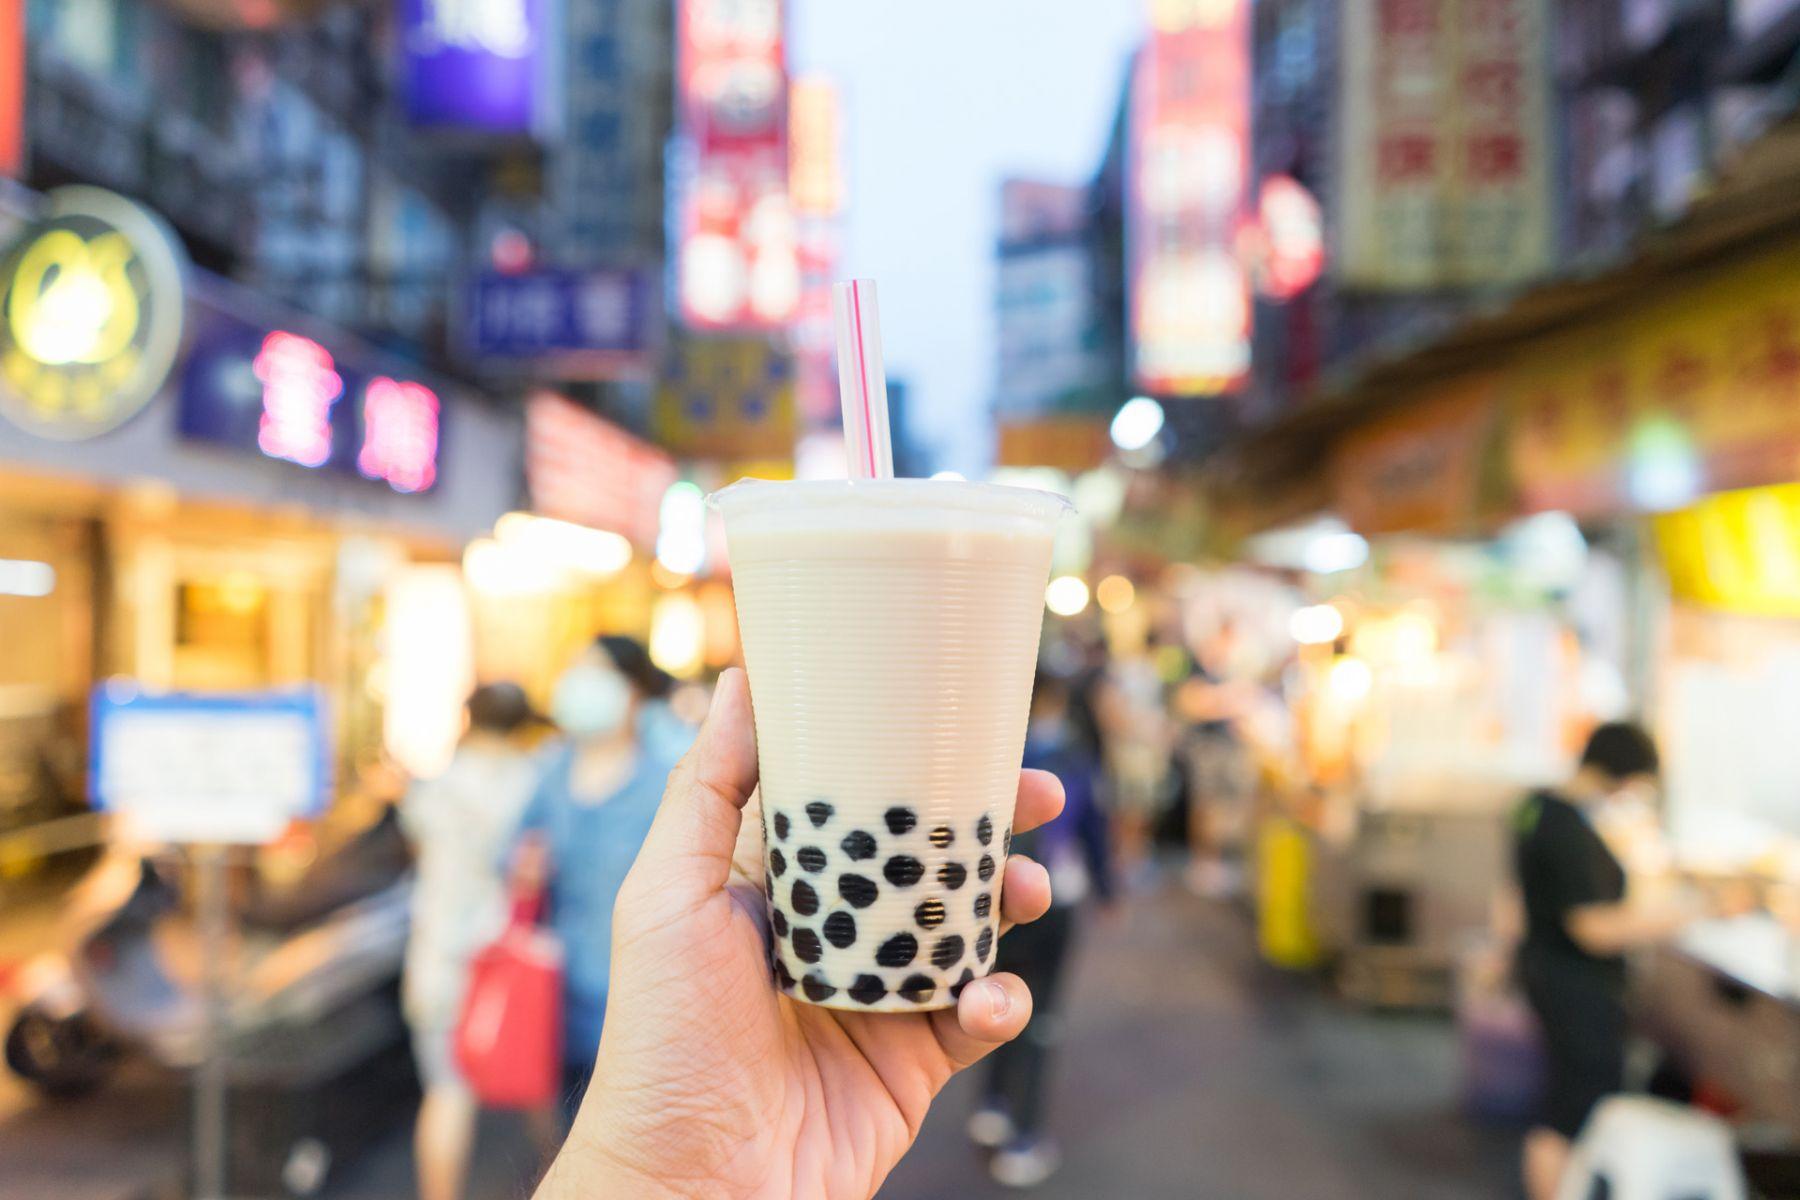 台灣人愛喝飲料,1年喝掉36K!掌握5重點找到你的「口袋黑洞」